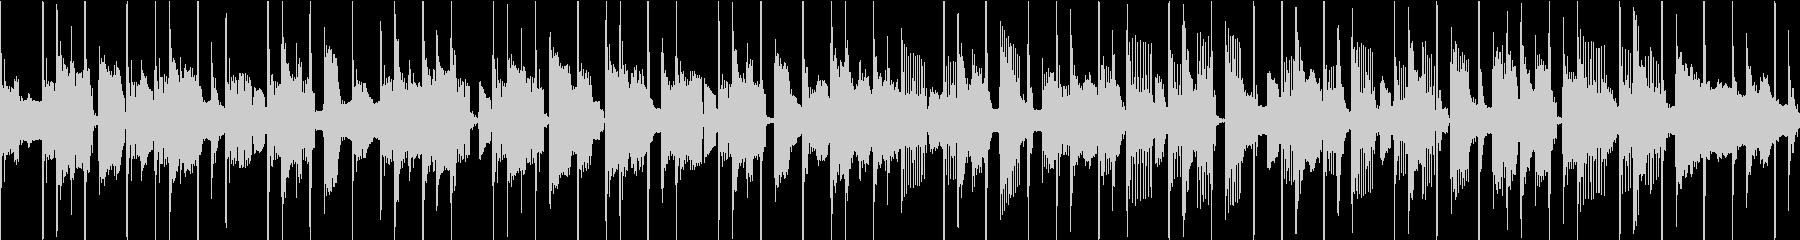 ファンク セッション風 ループ Bの未再生の波形